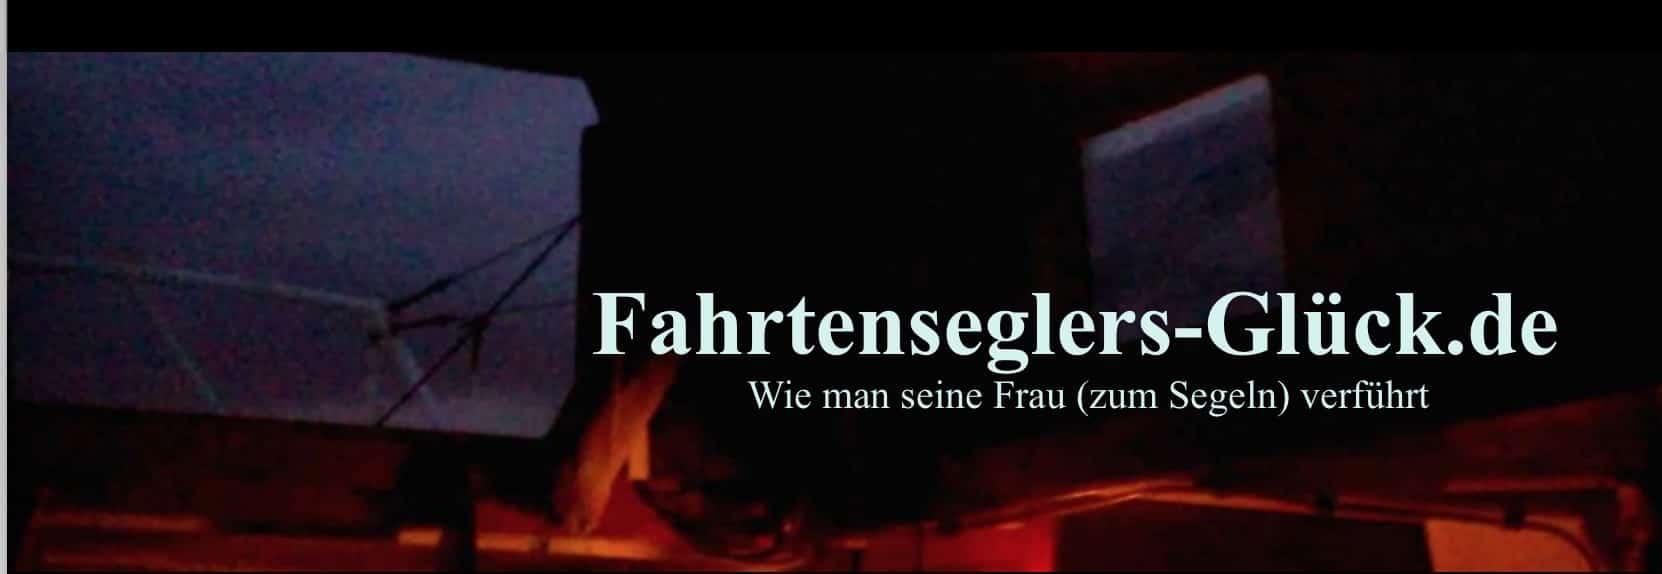 Fahrtenseglers-Glück.de von Klaus Freund auf der Néfertiti